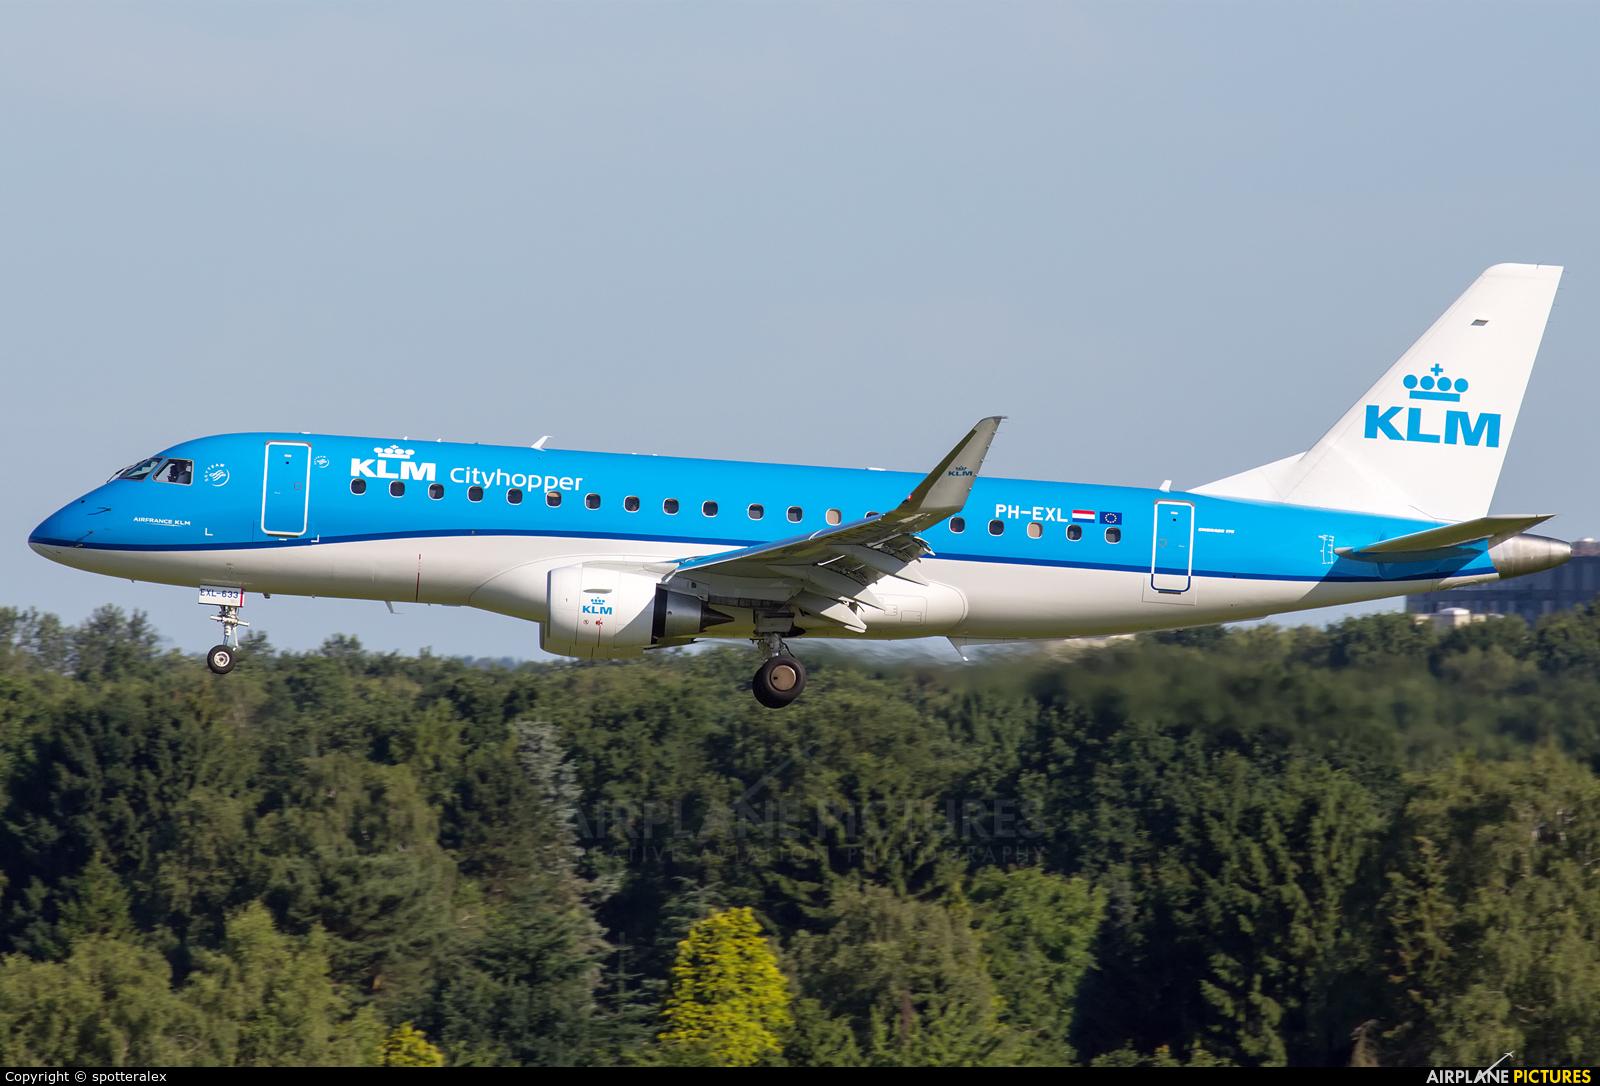 KLM Cityhopper PH-EXL aircraft at Hamburg - Fuhlsbüttel